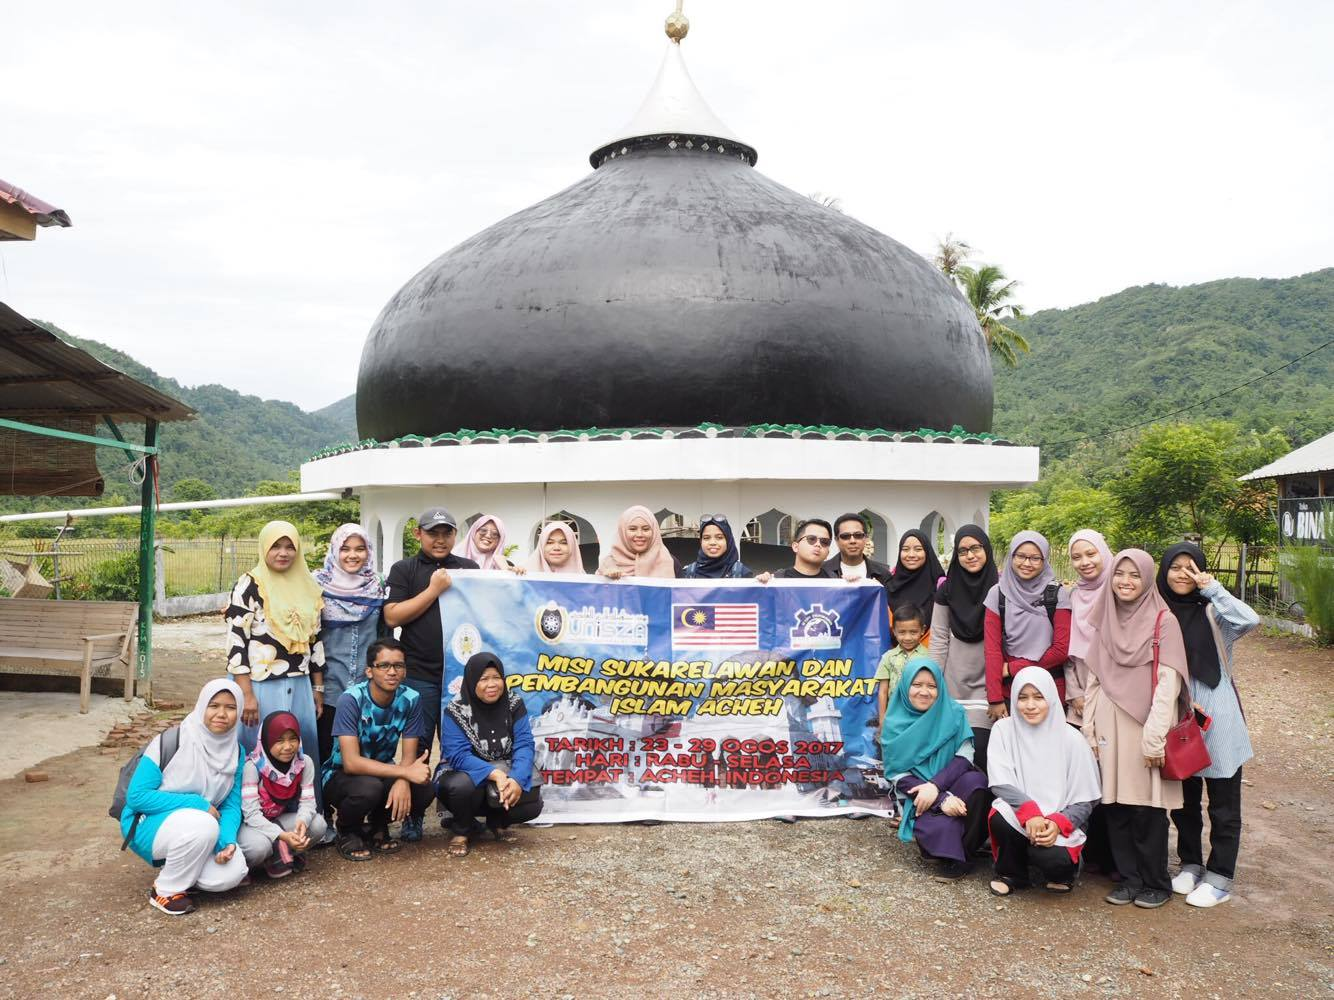 Aceh Indonesia 2017